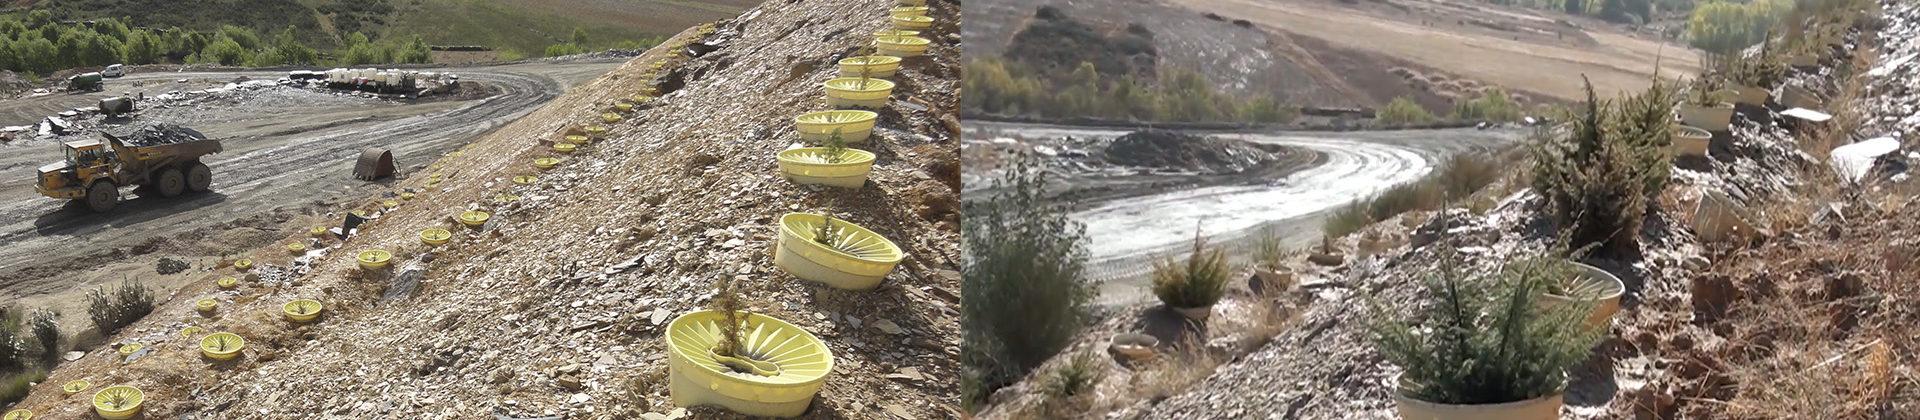 plantar con Waterboxx en mina de Zamora 5 años después